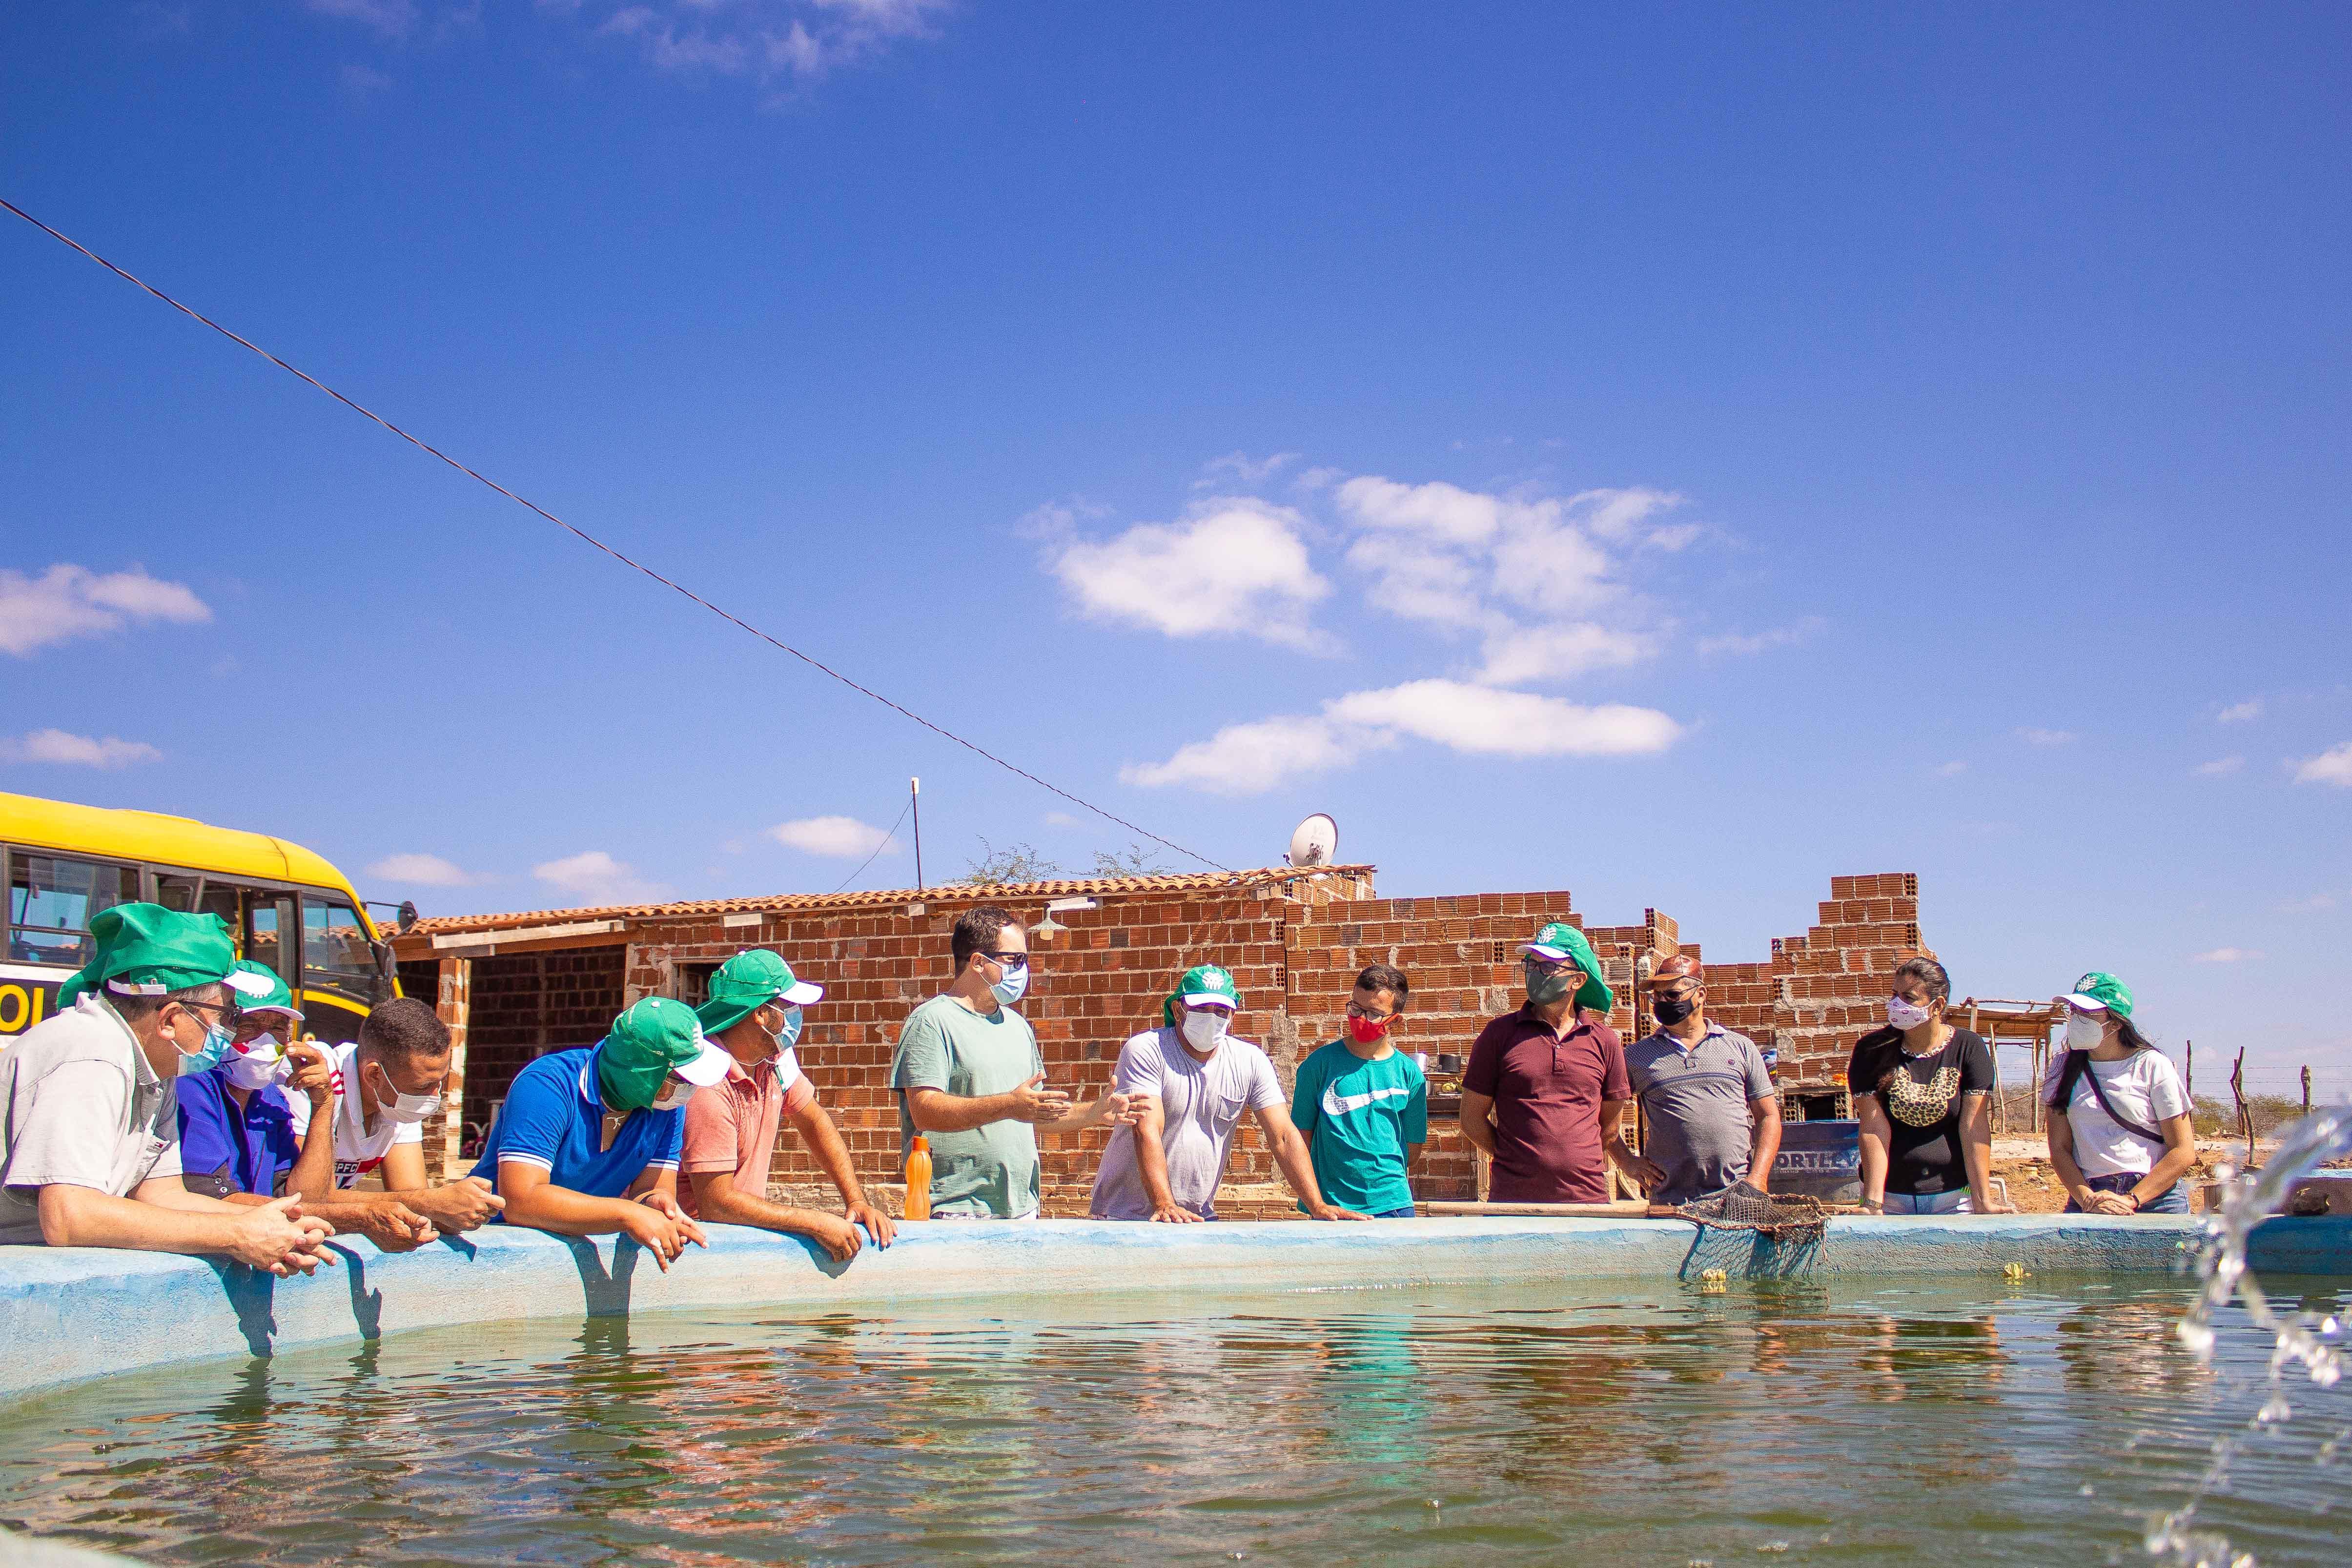 2021-09-17-e-19-curso-piscicultura-francisco-cesar-4665.jpg